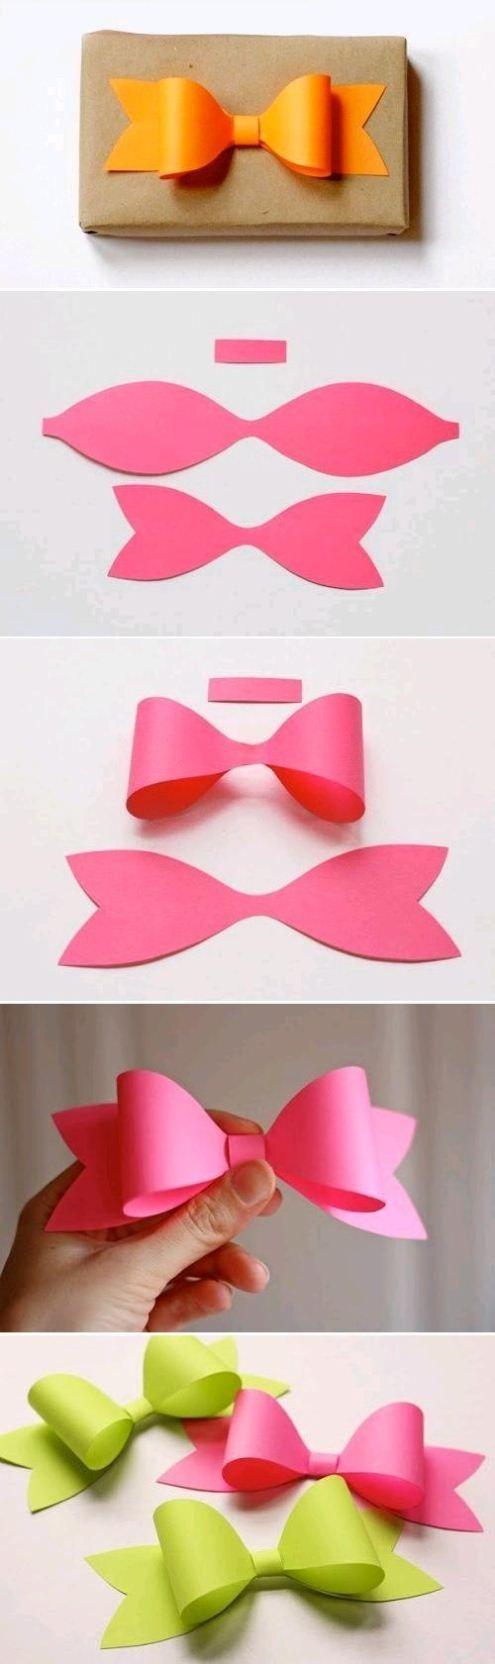 3-D Bows